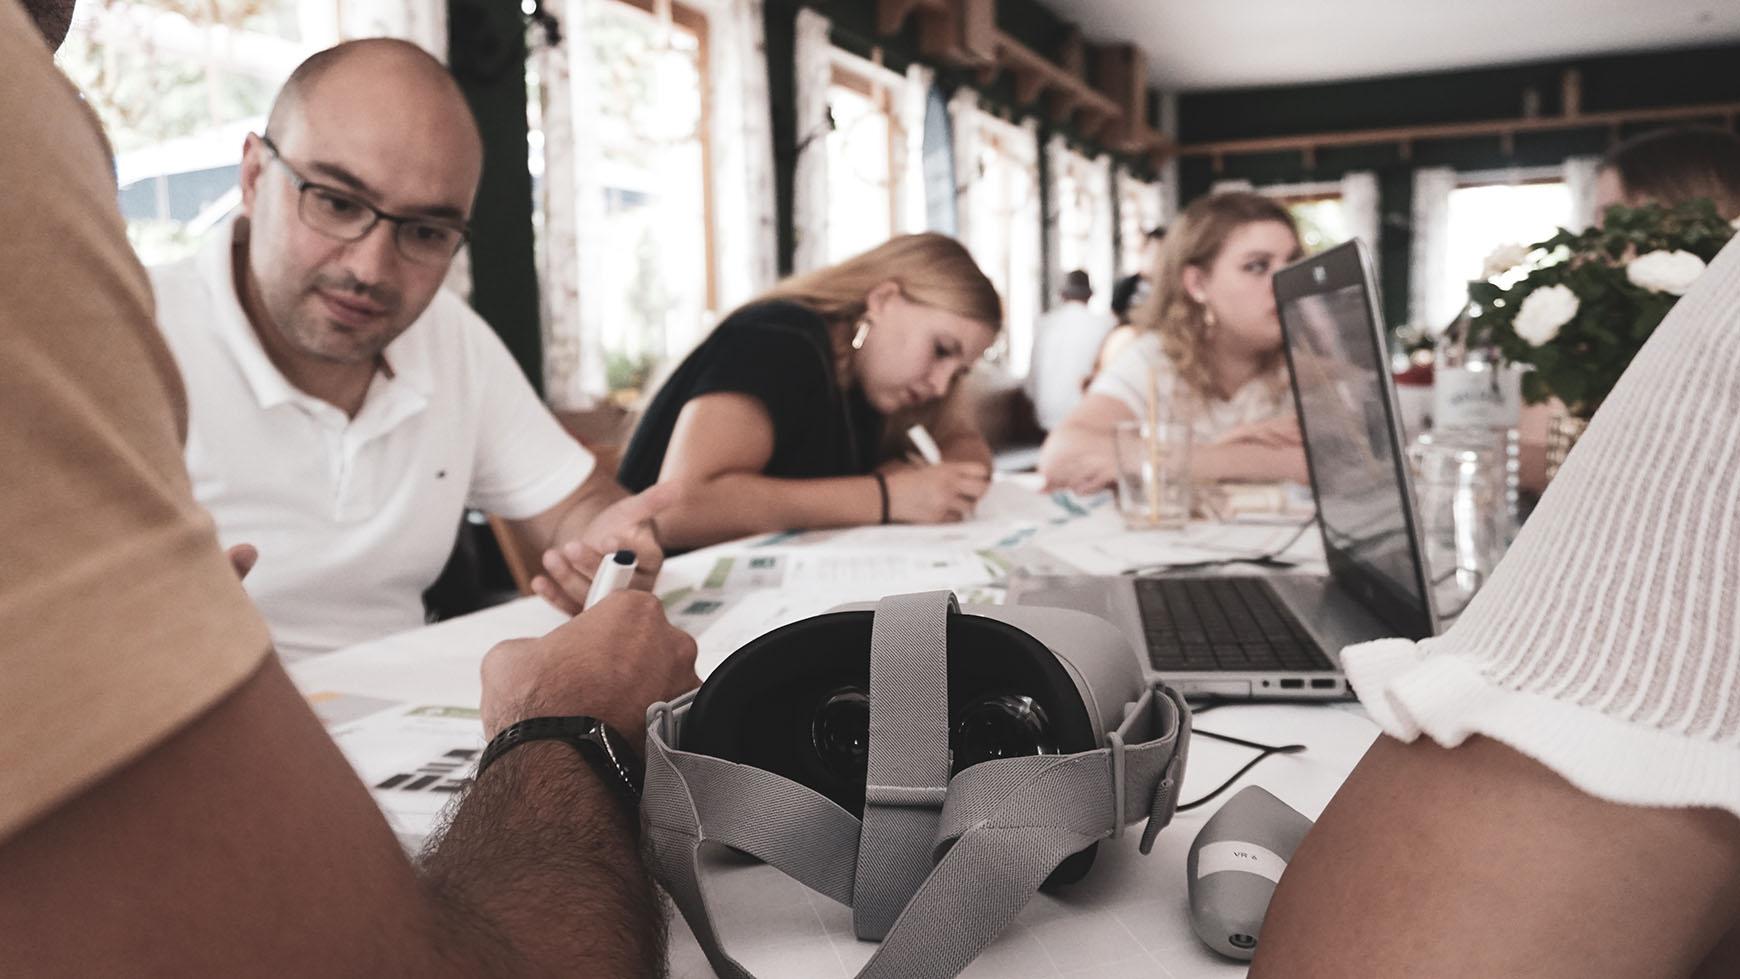 EDAG employee in a meeting regarding VR glasses